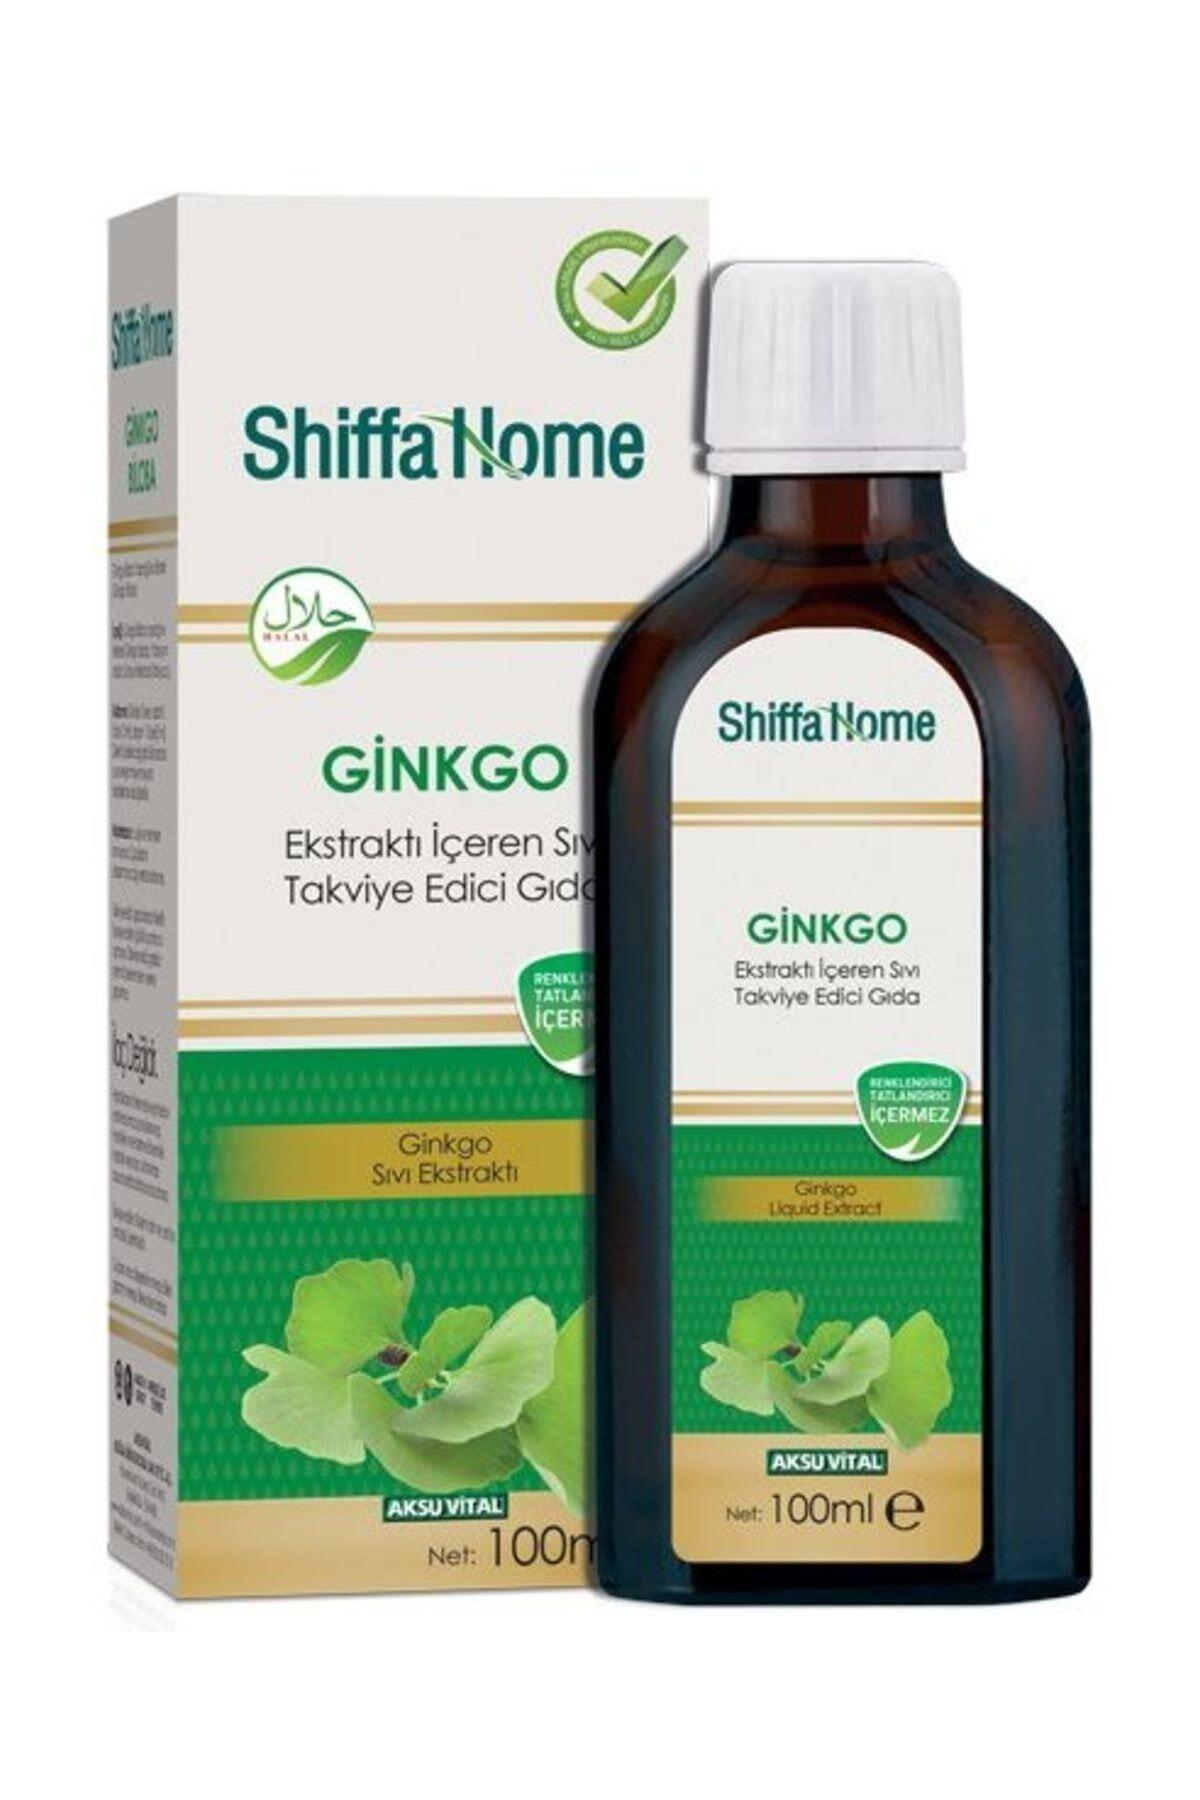 Shiffa Home Ginkgo Ekstraktı İçeren Sıvı Takviye Edici Gıda 100 ml 1